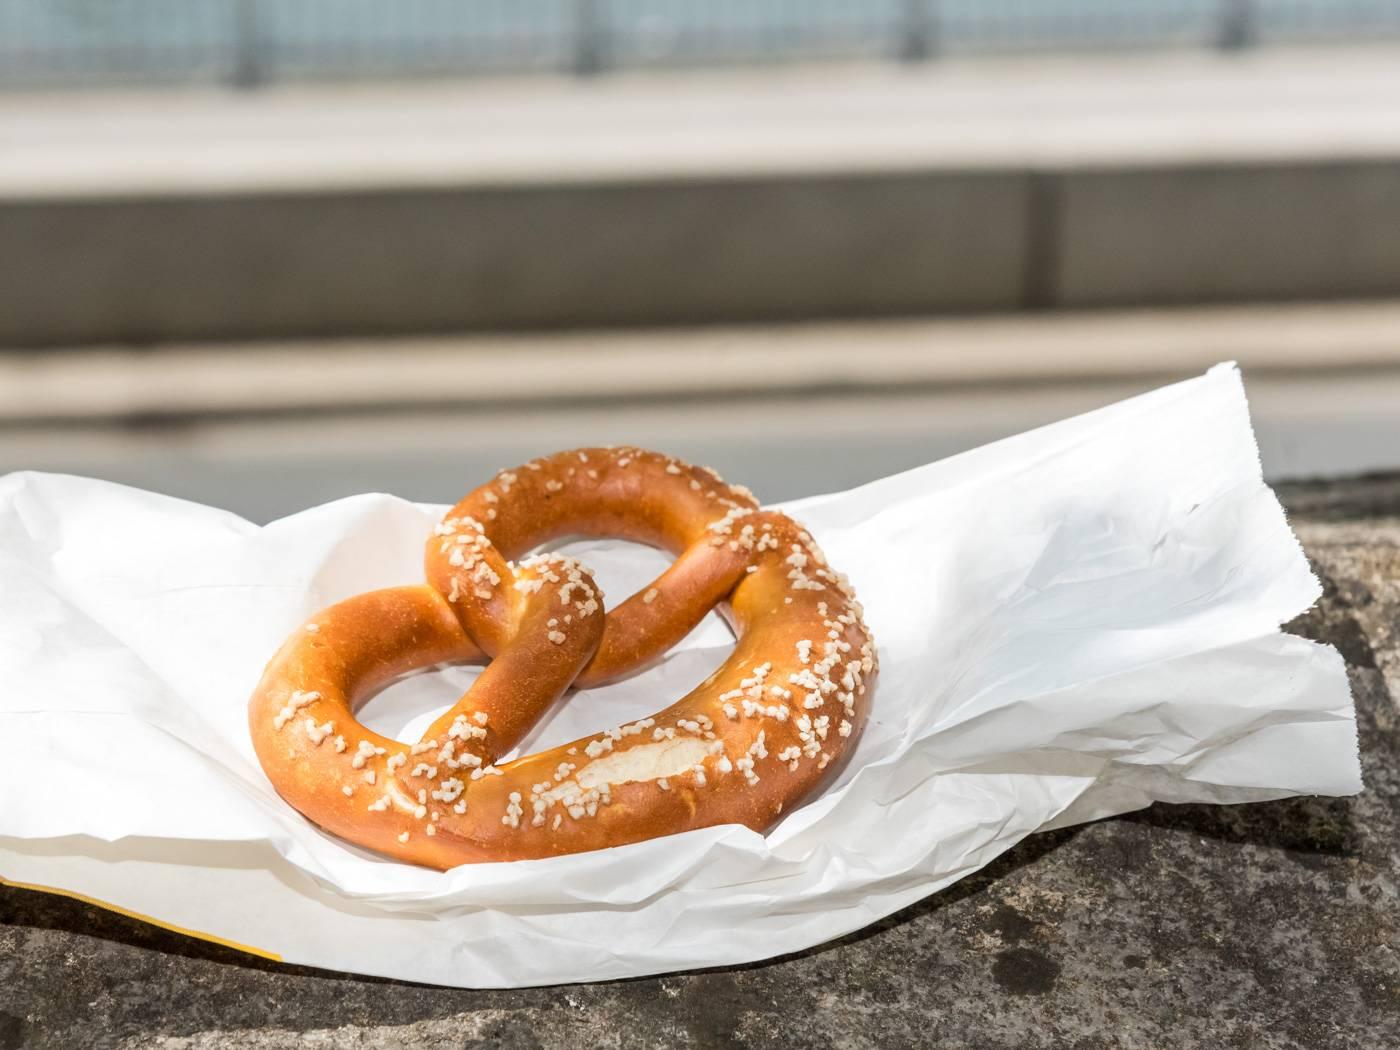 Брецель: с чем едят его немцы, появление, виды и как приготовить